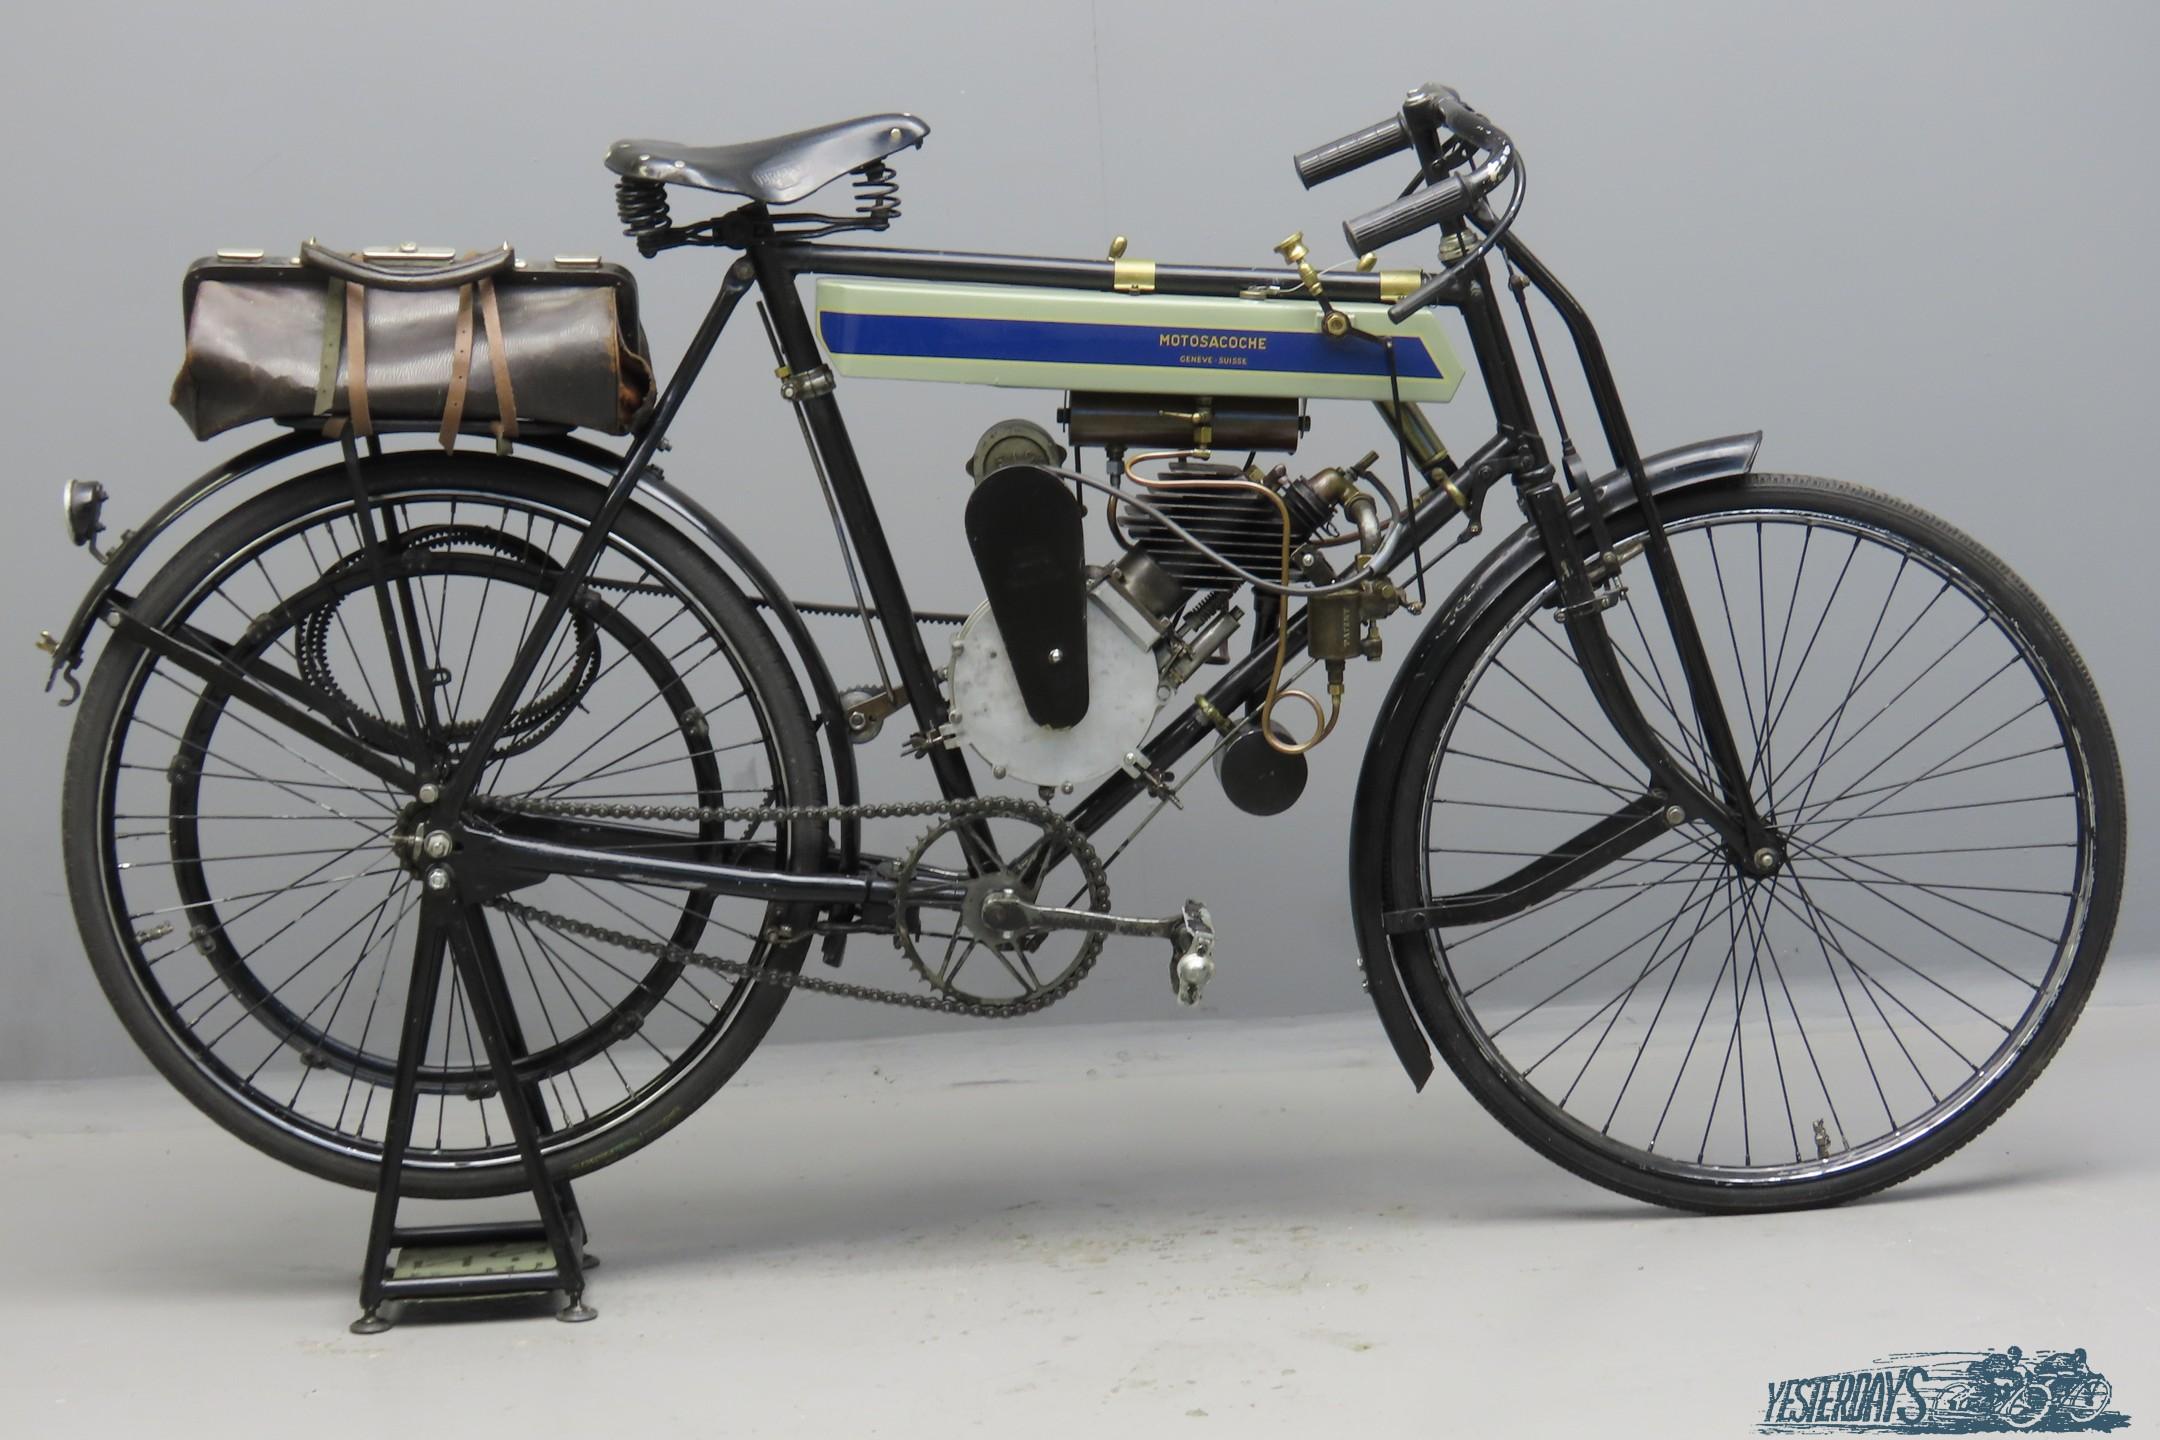 Motosacoche 1905 A1 212cc 1 cyl aiv  3010